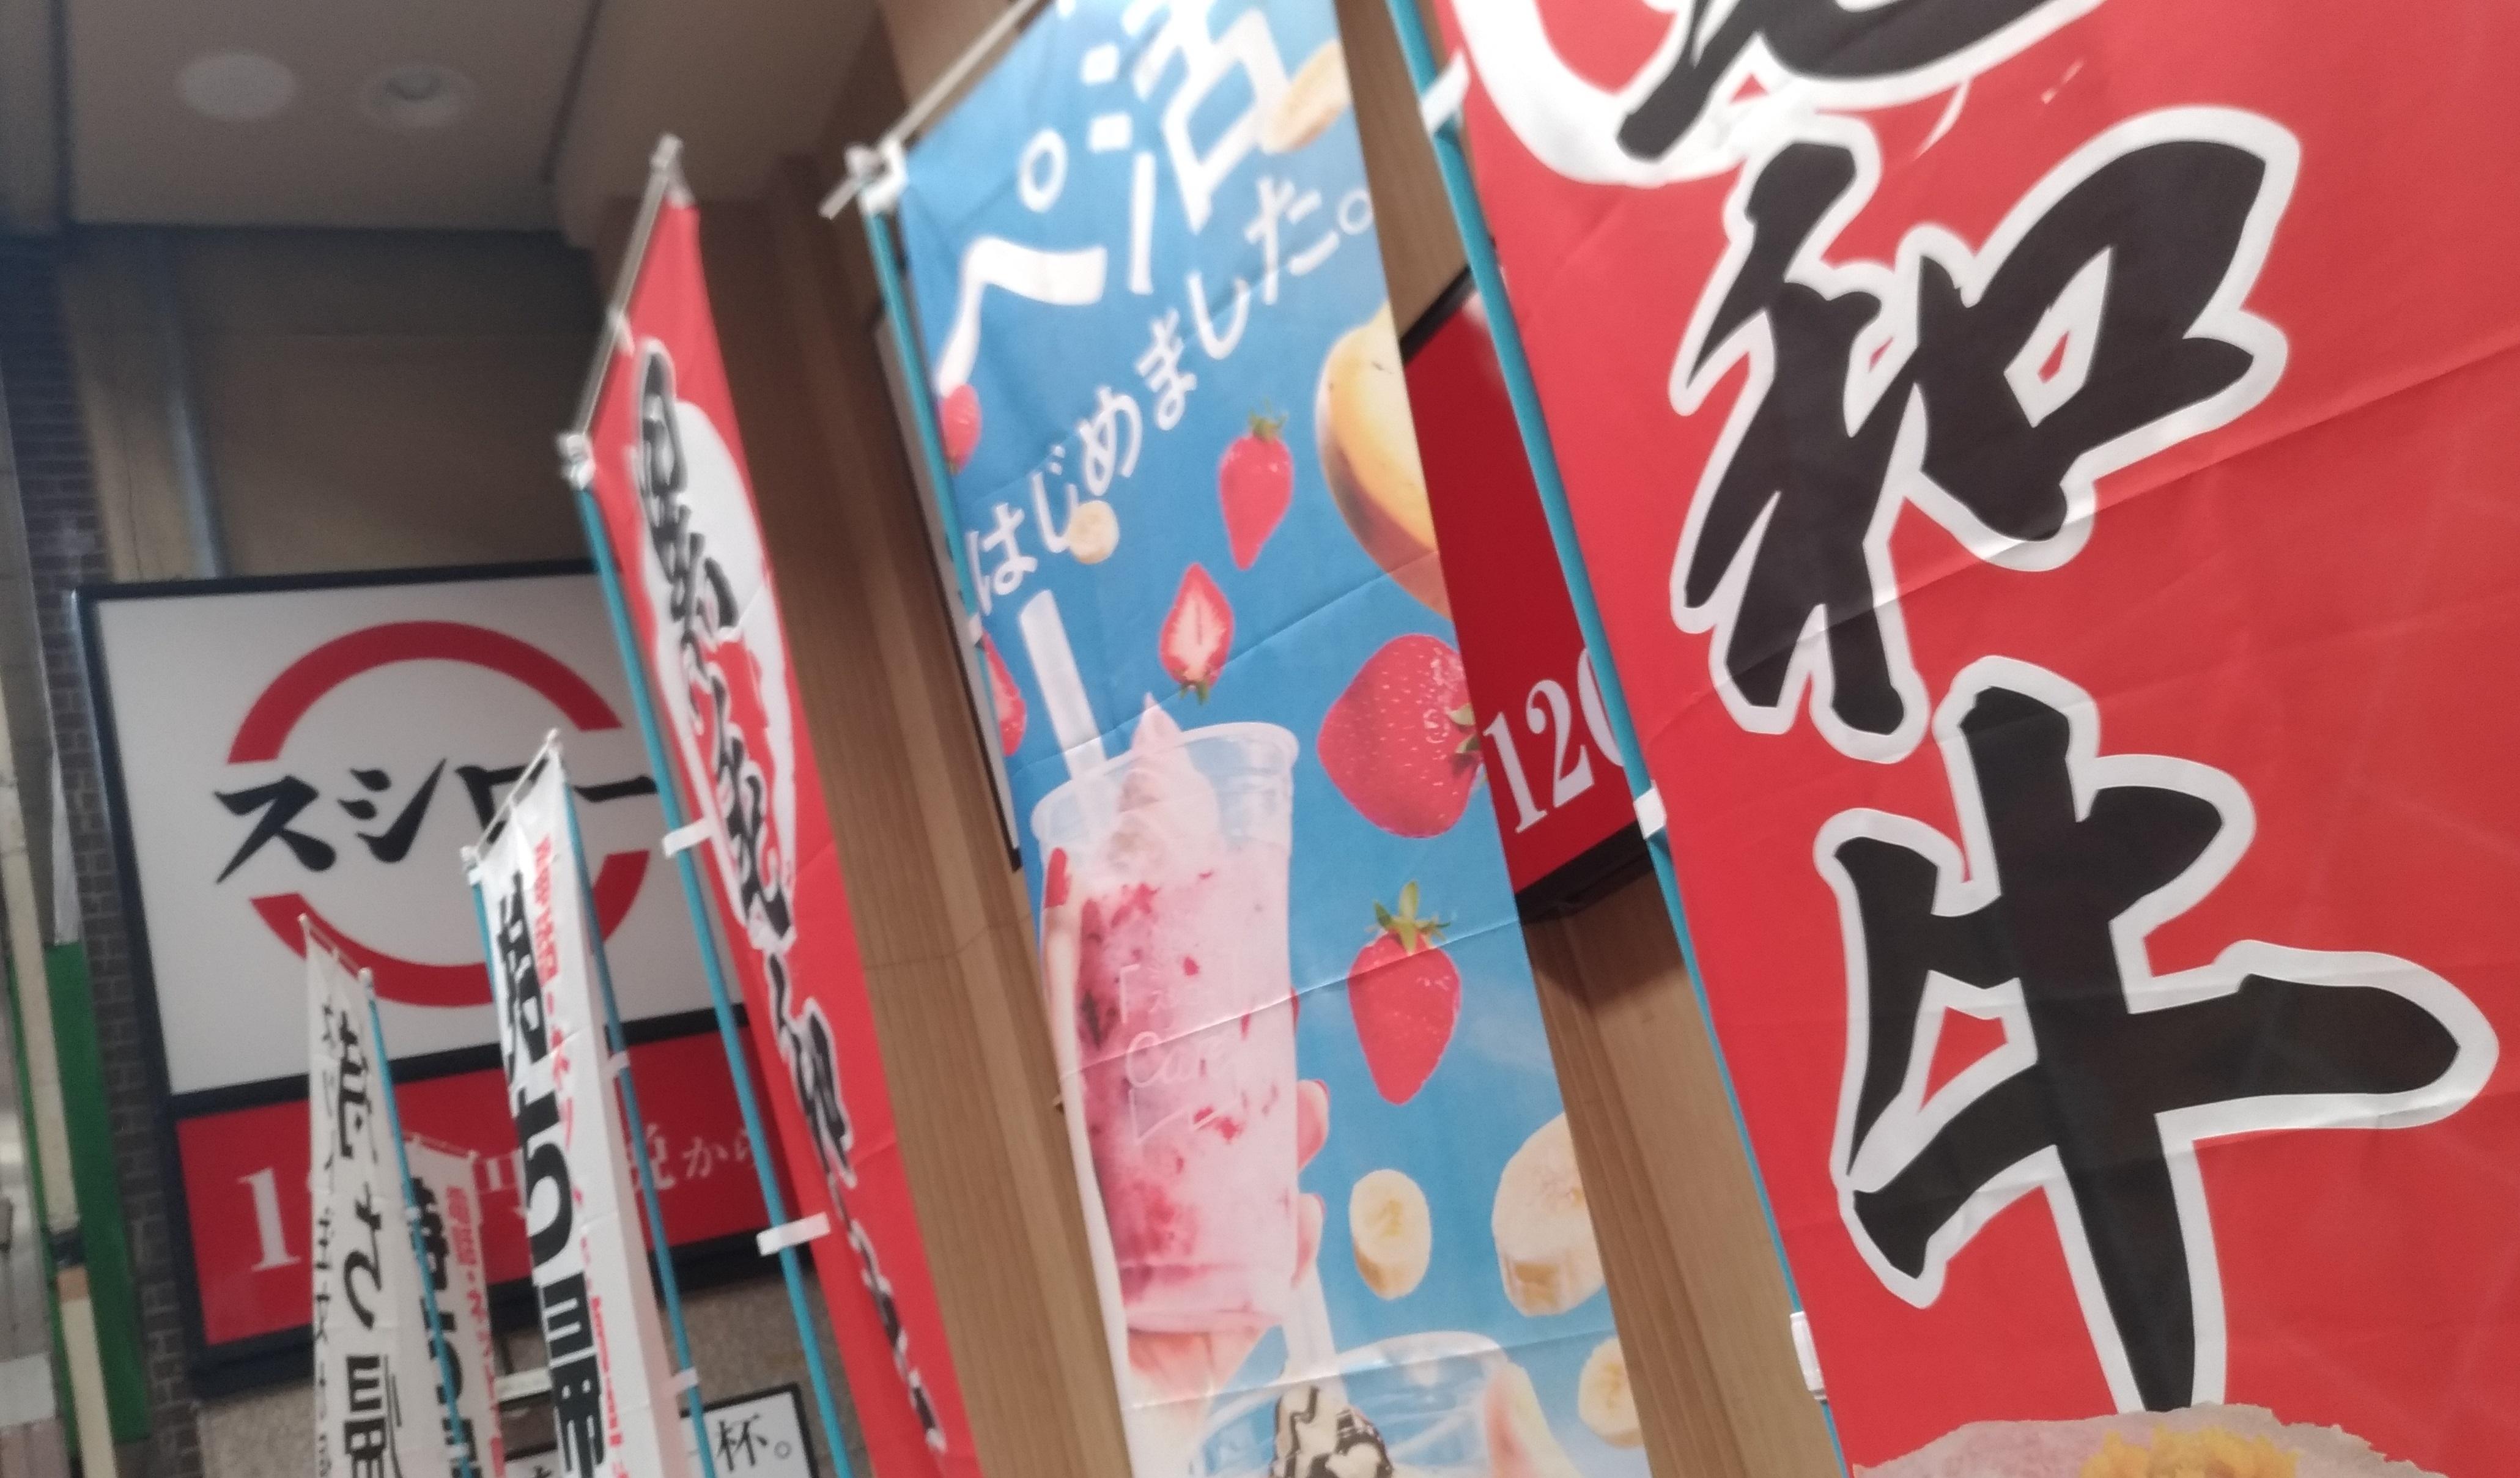 sushiro_0501_osaka_tenma_3.jpg